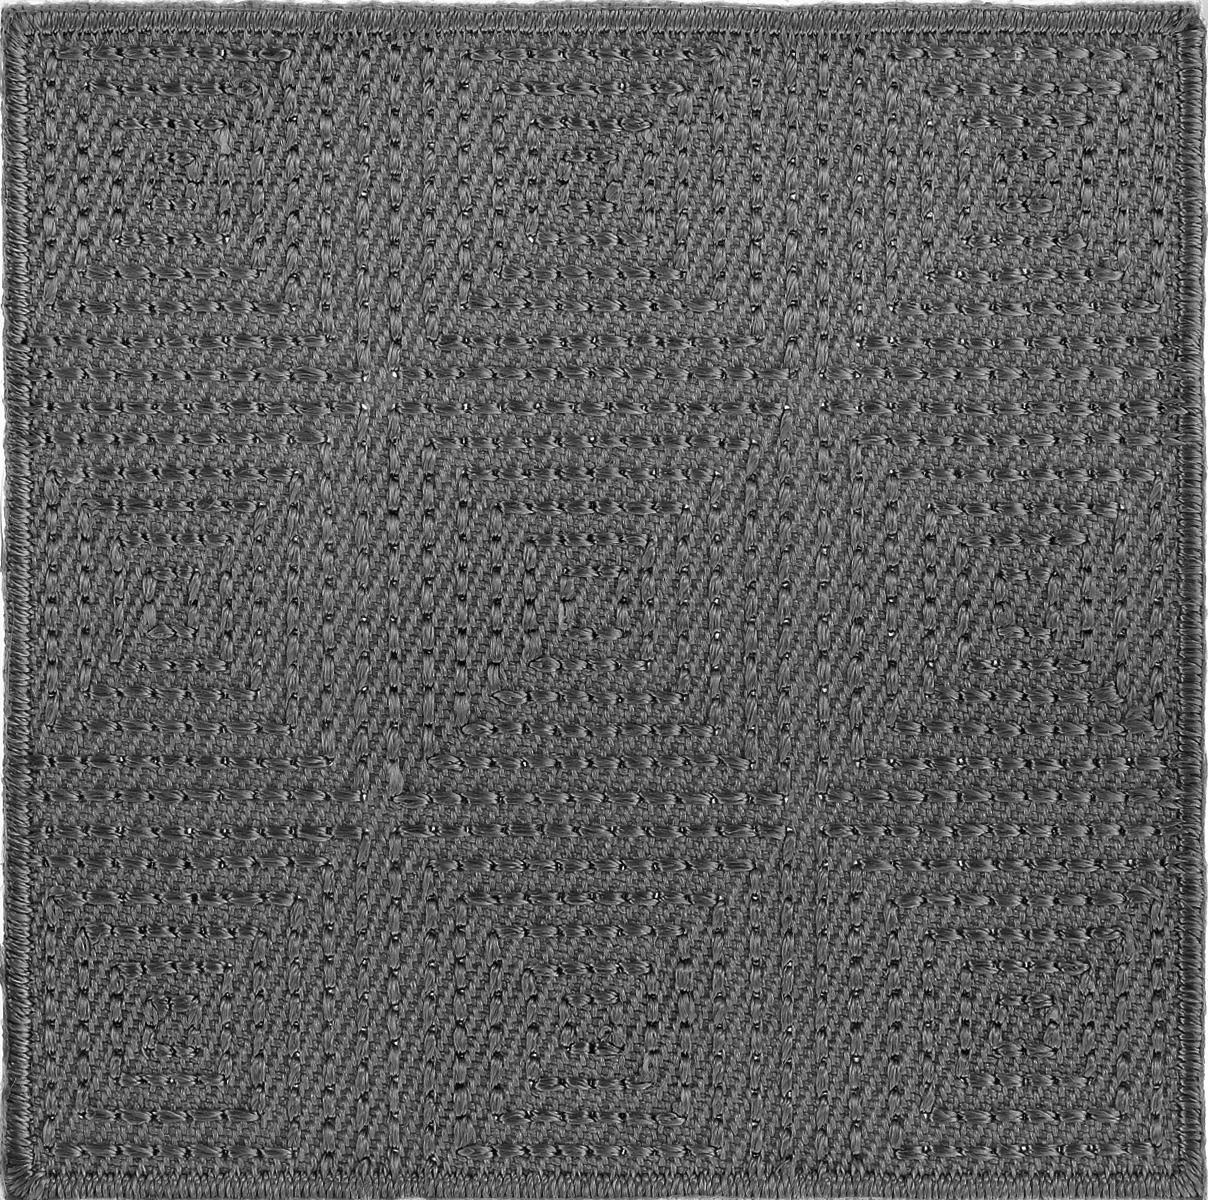 Термоаппликация Hobby&Pro, цвет: темно-серый, 6 см х 6 см. AD14267704212_т.серыйКлеевая термоаппликация Hobby&Pro изготовлена из плотного текстиля. Изделие выполнено в виде квадрата. Термоаппликация с обратной стороны оснащена клеевым слоем, благодаря которому при помощи утюга вы сможете быстро и легко закрепить изделие на ткани. С такой термоаппликацией любая вещь станет особенной.